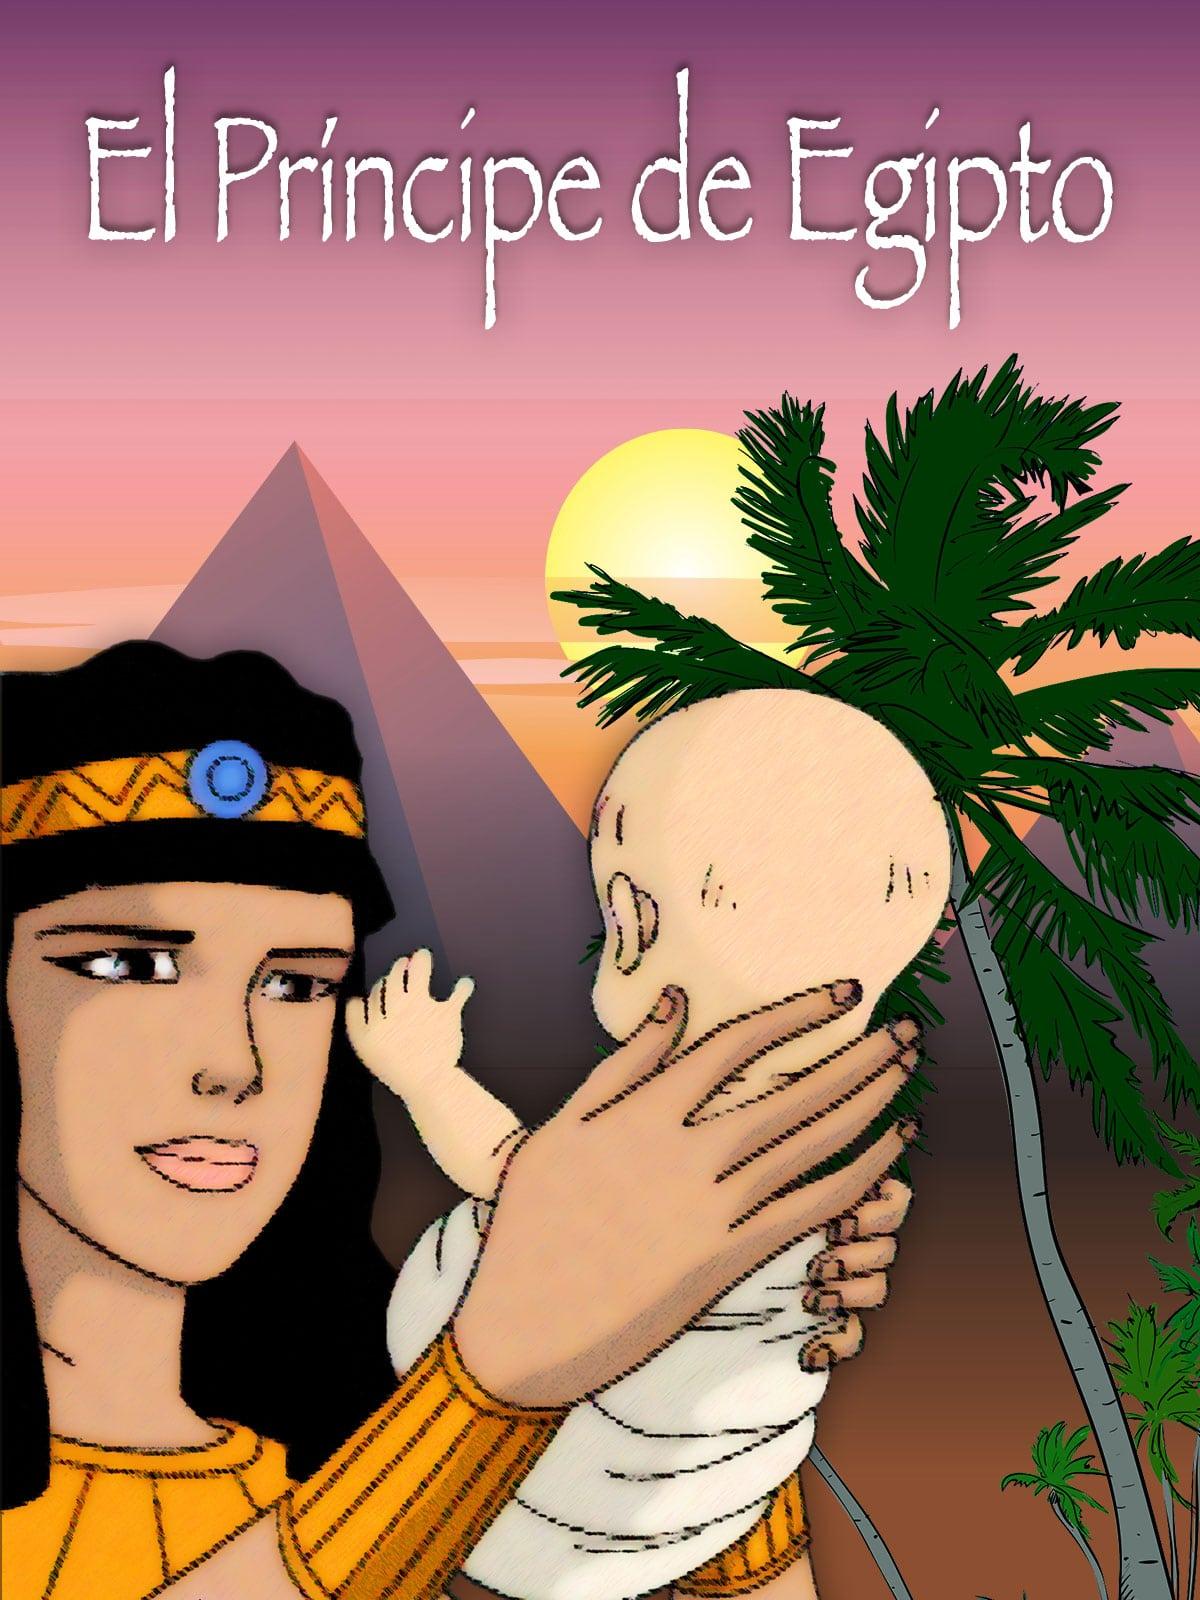 El príncipe de Egipto (El Antiguo Testamento III)